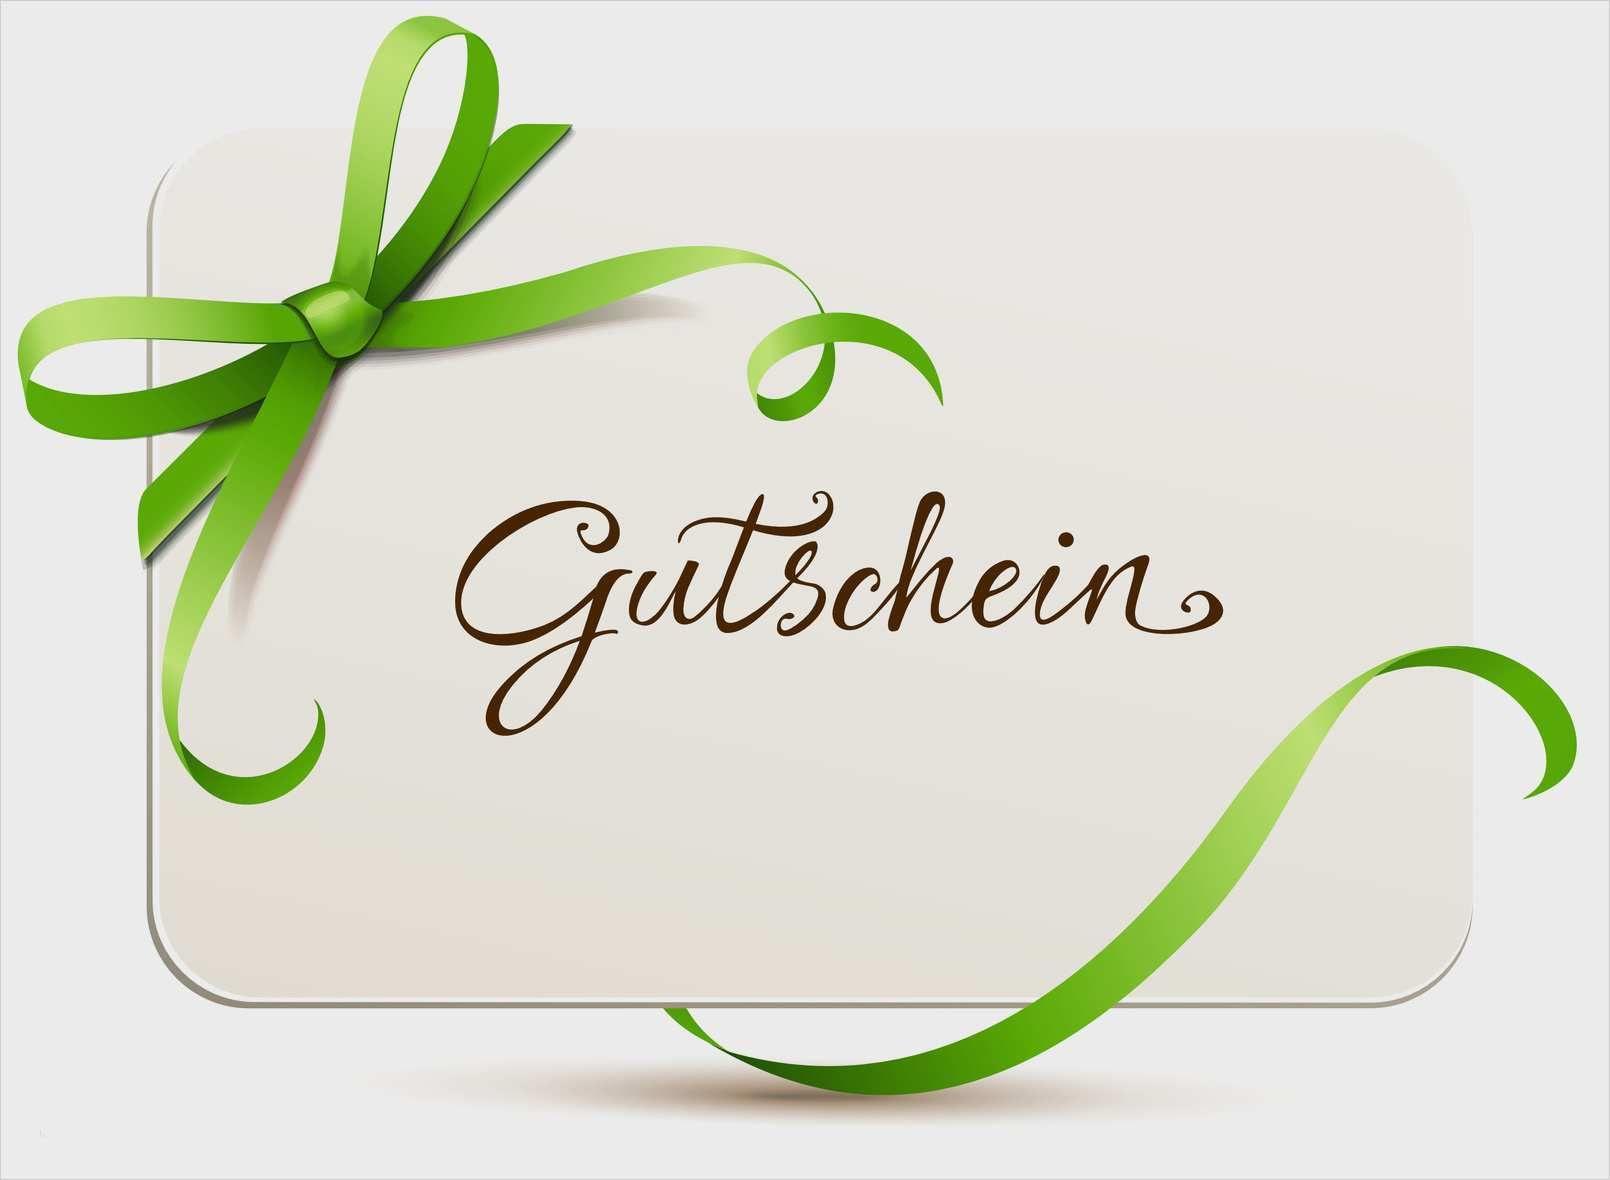 Inspiration Gutschein Fur Essenseinladung Vorlage Jene Konnen Adaptieren In Ms Word In 2020 Gutschein Vorlage Geburtstag Gutschein Geburtstag Gutschein Vorlage